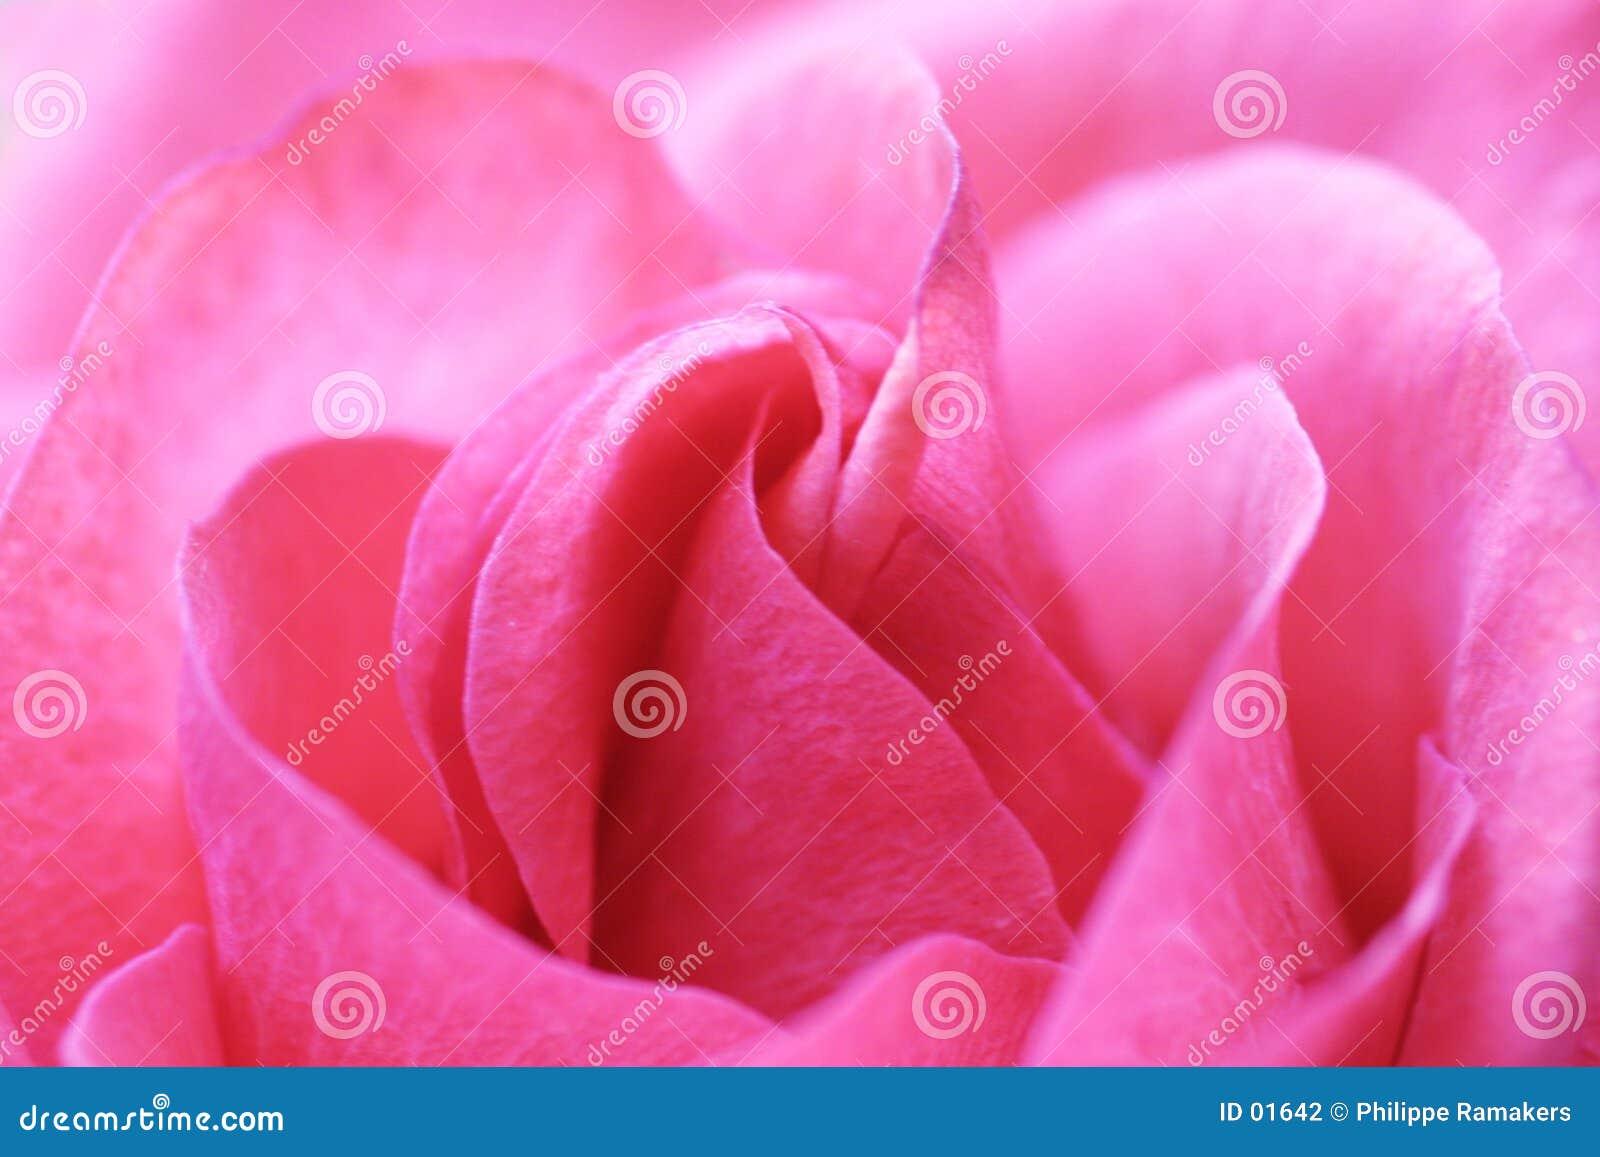 Le rose a monté